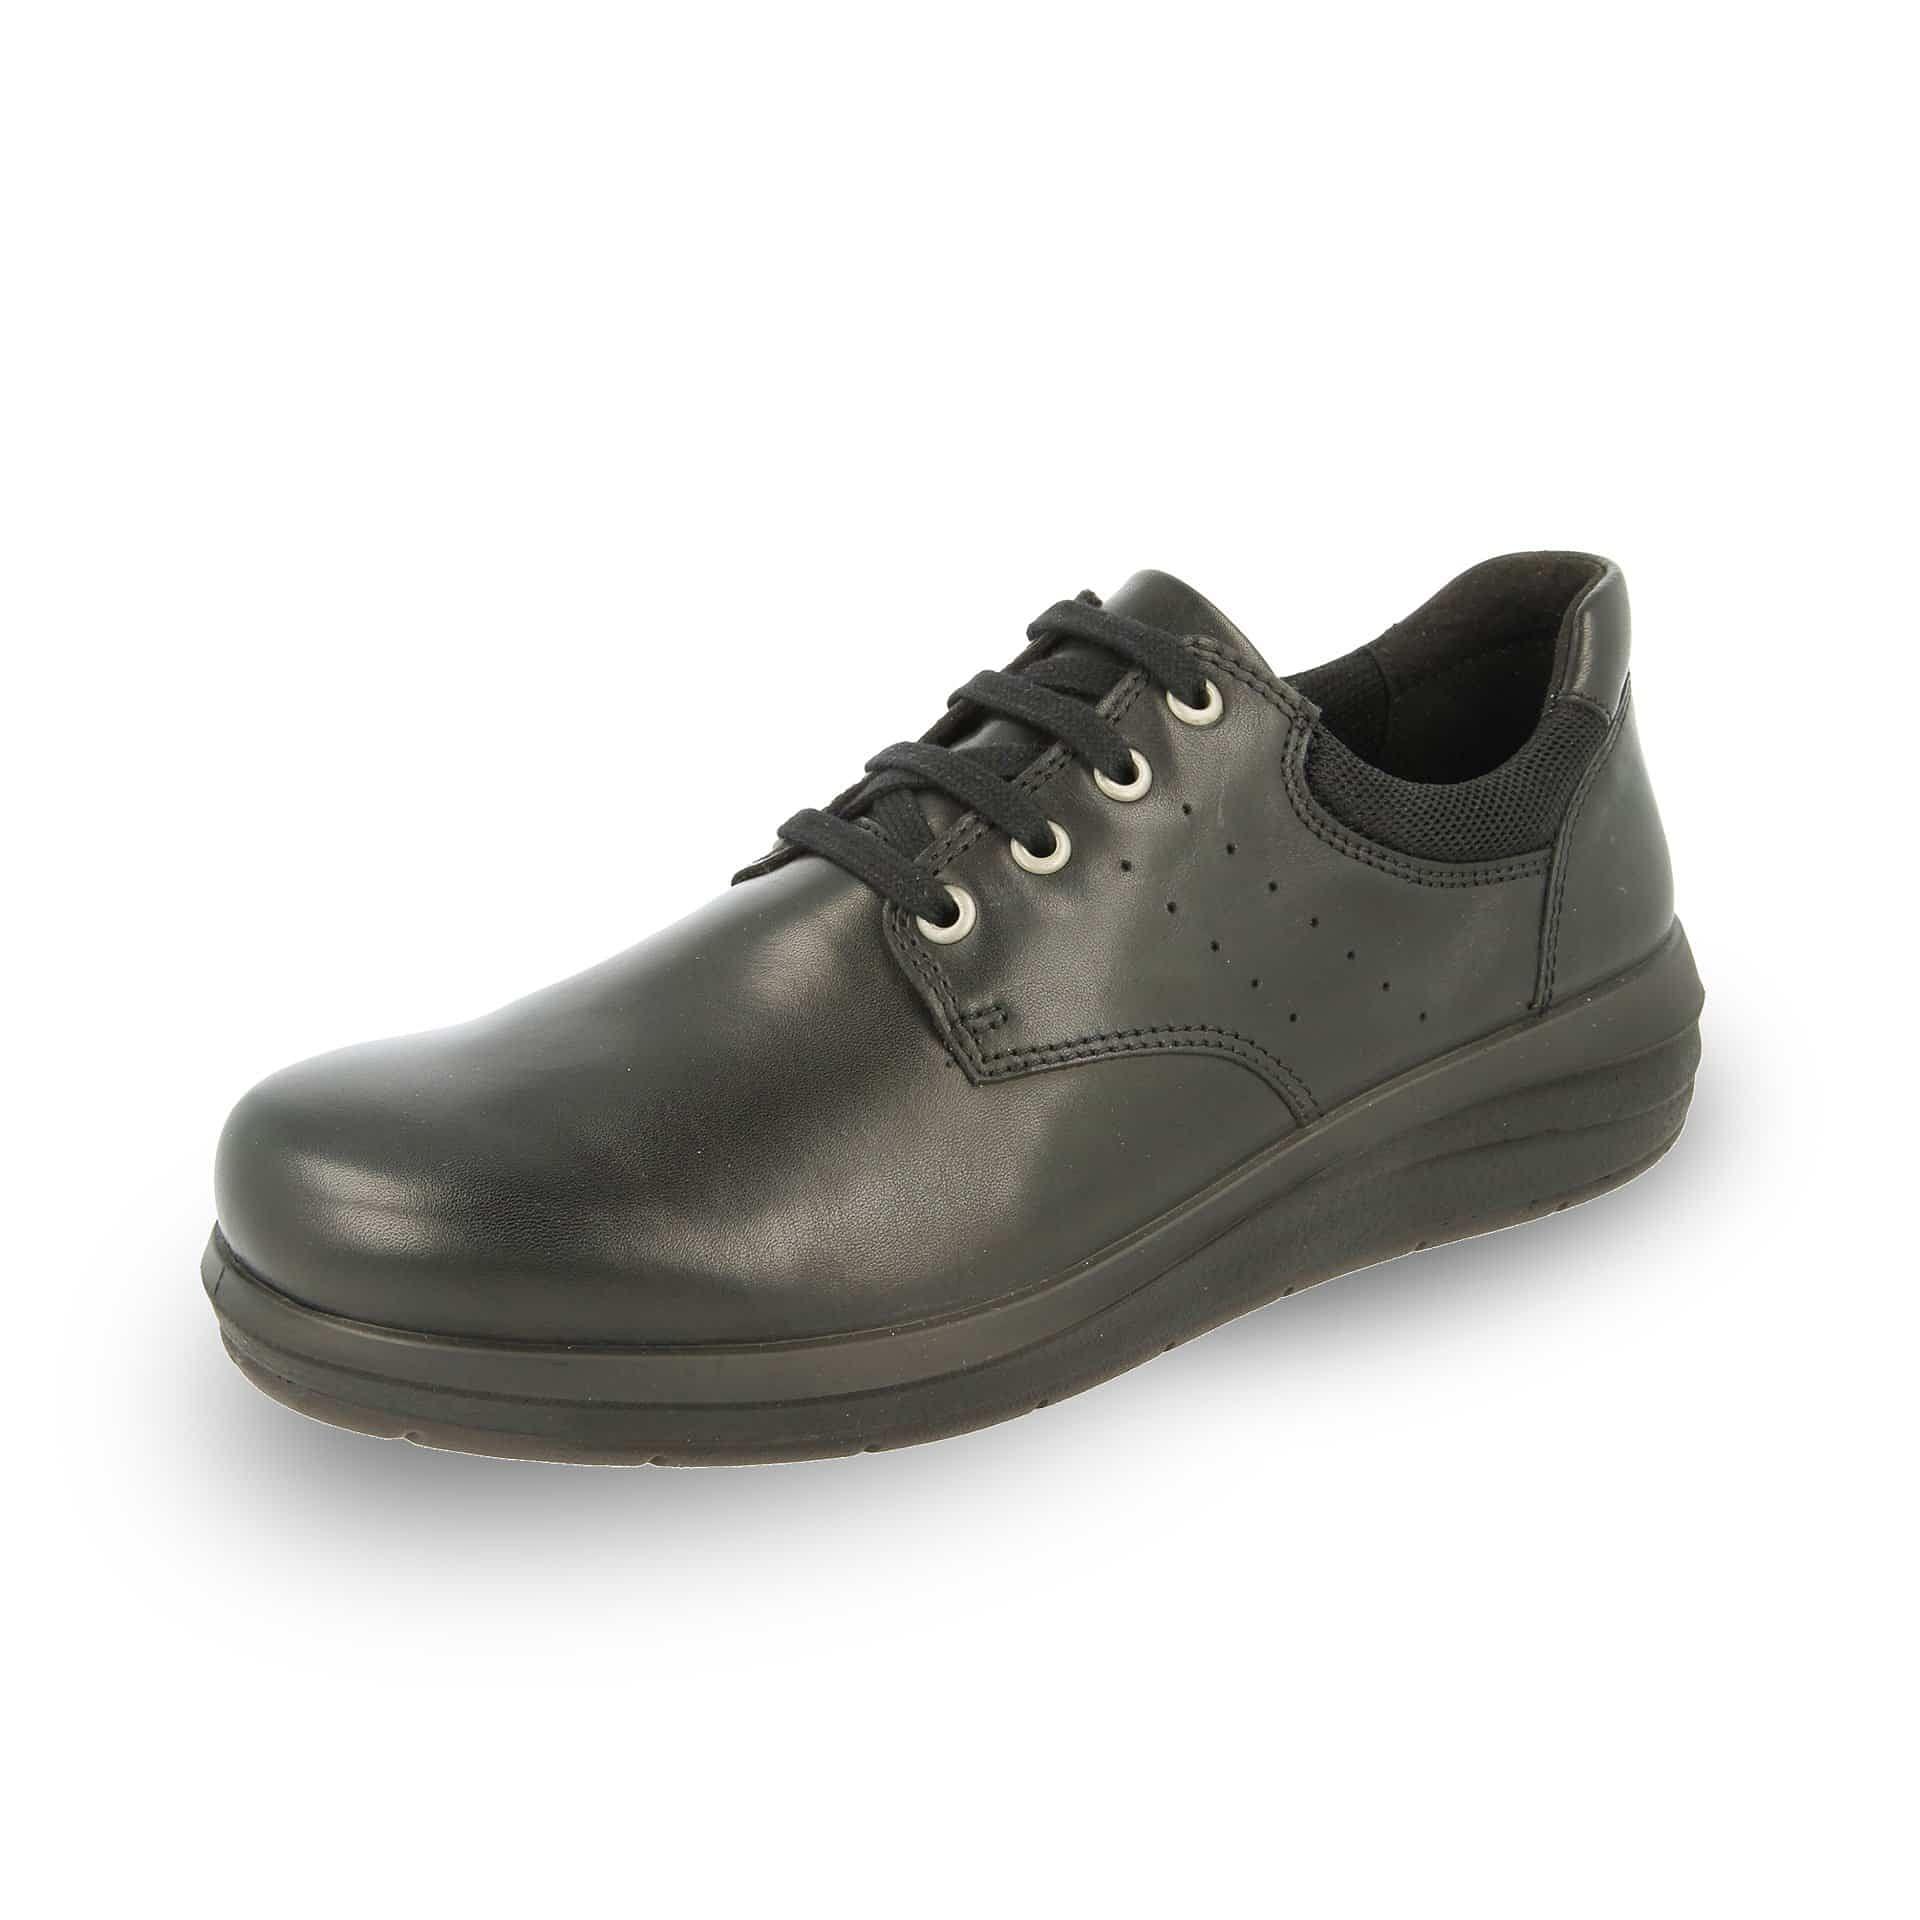 Footkaki   Comfort Shoes, Insoles